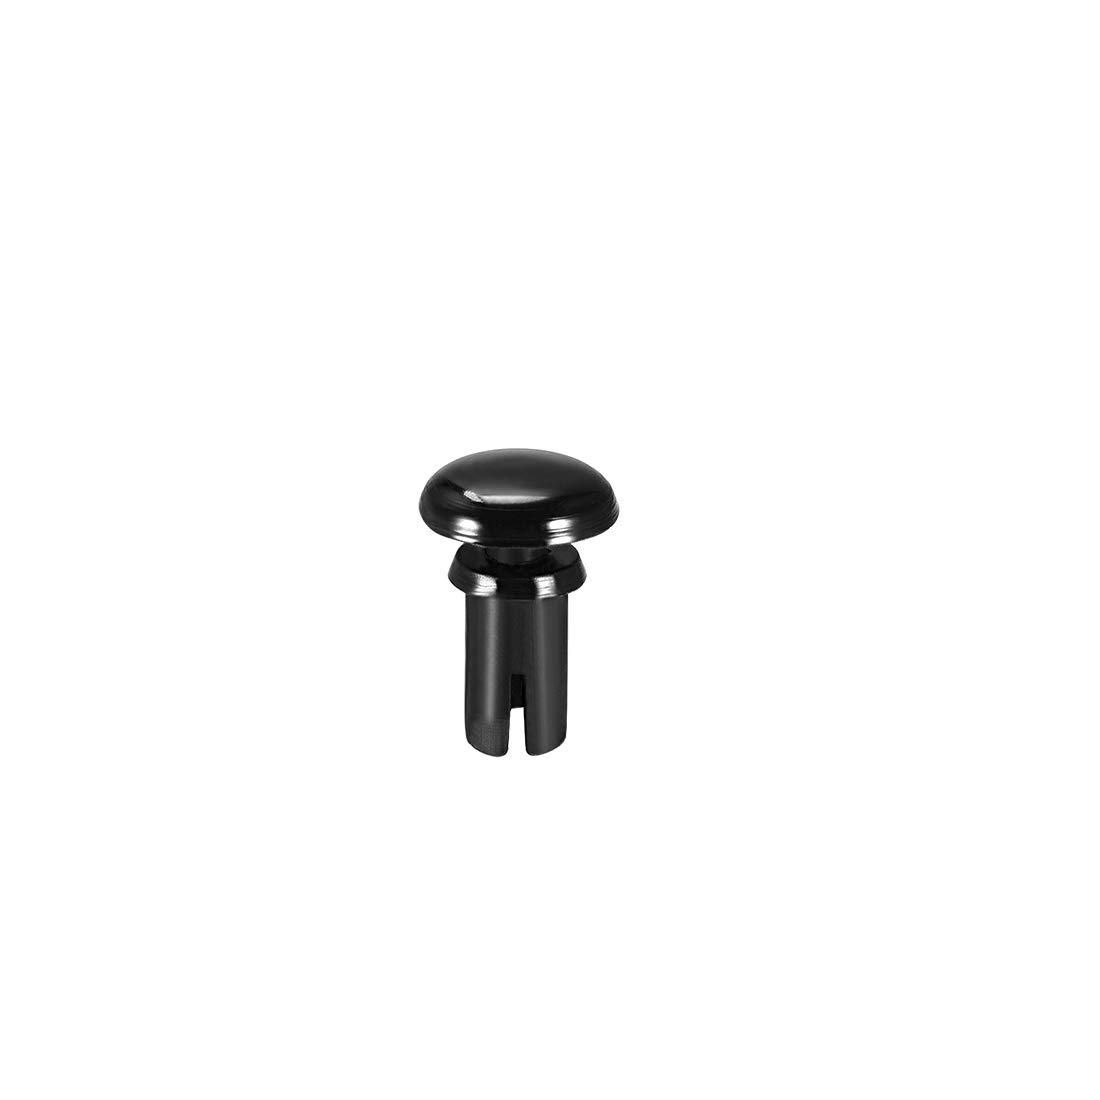 uxcell/® Push Clip Rivet 4mm x 9mm PCB Circuit Panel Nylon Fastener Black 50 Pcs